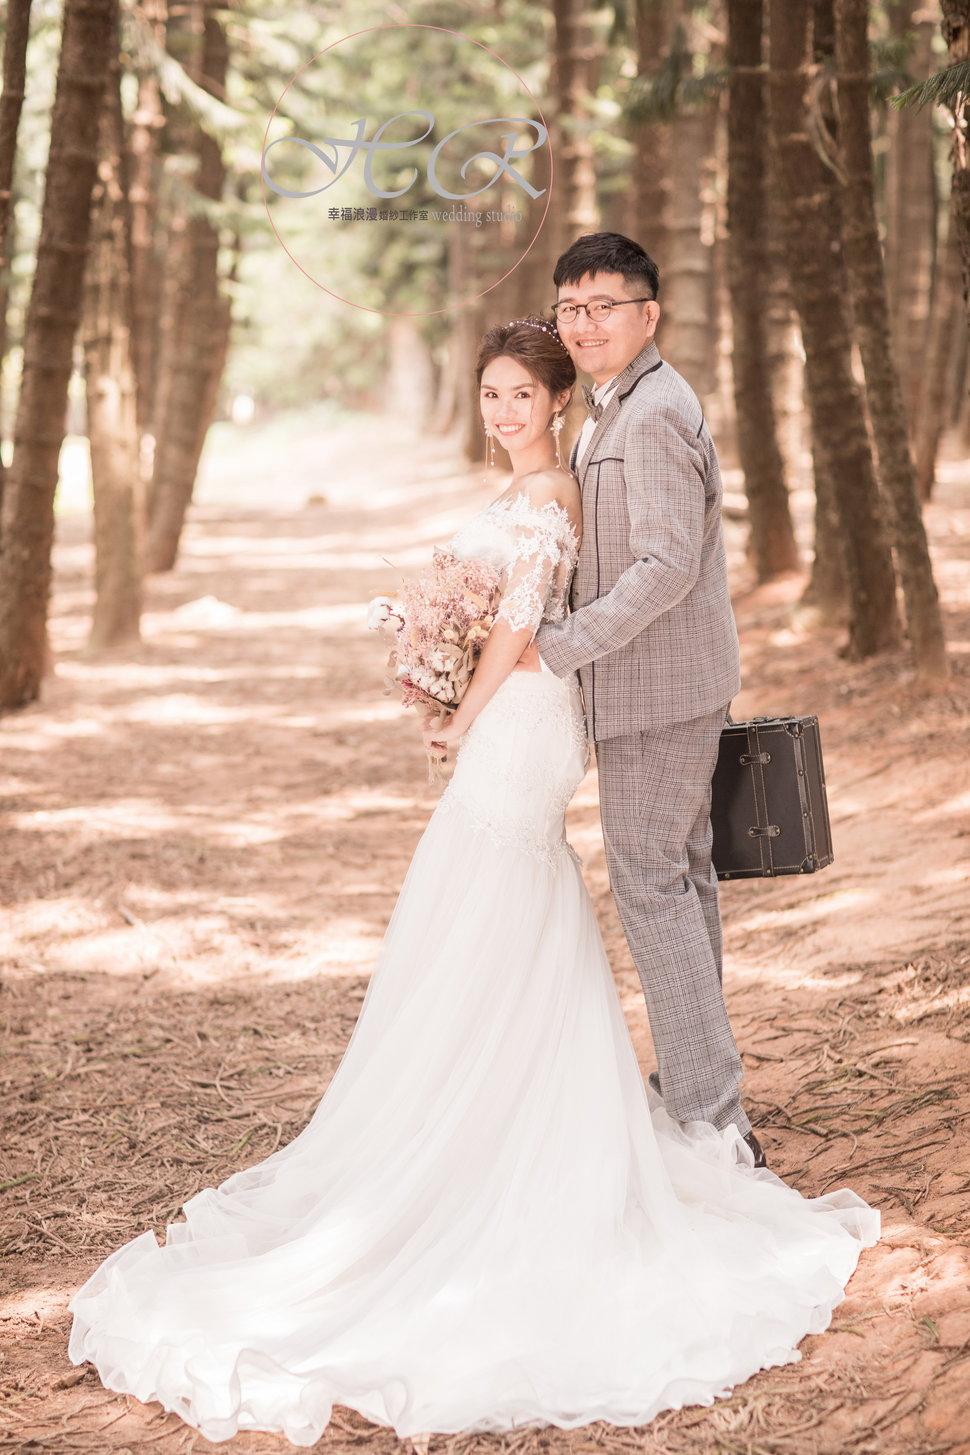 5G3A7932-1_調整大小 - 幸福浪漫婚紗工作室 韓式婚紗攝影《結婚吧》